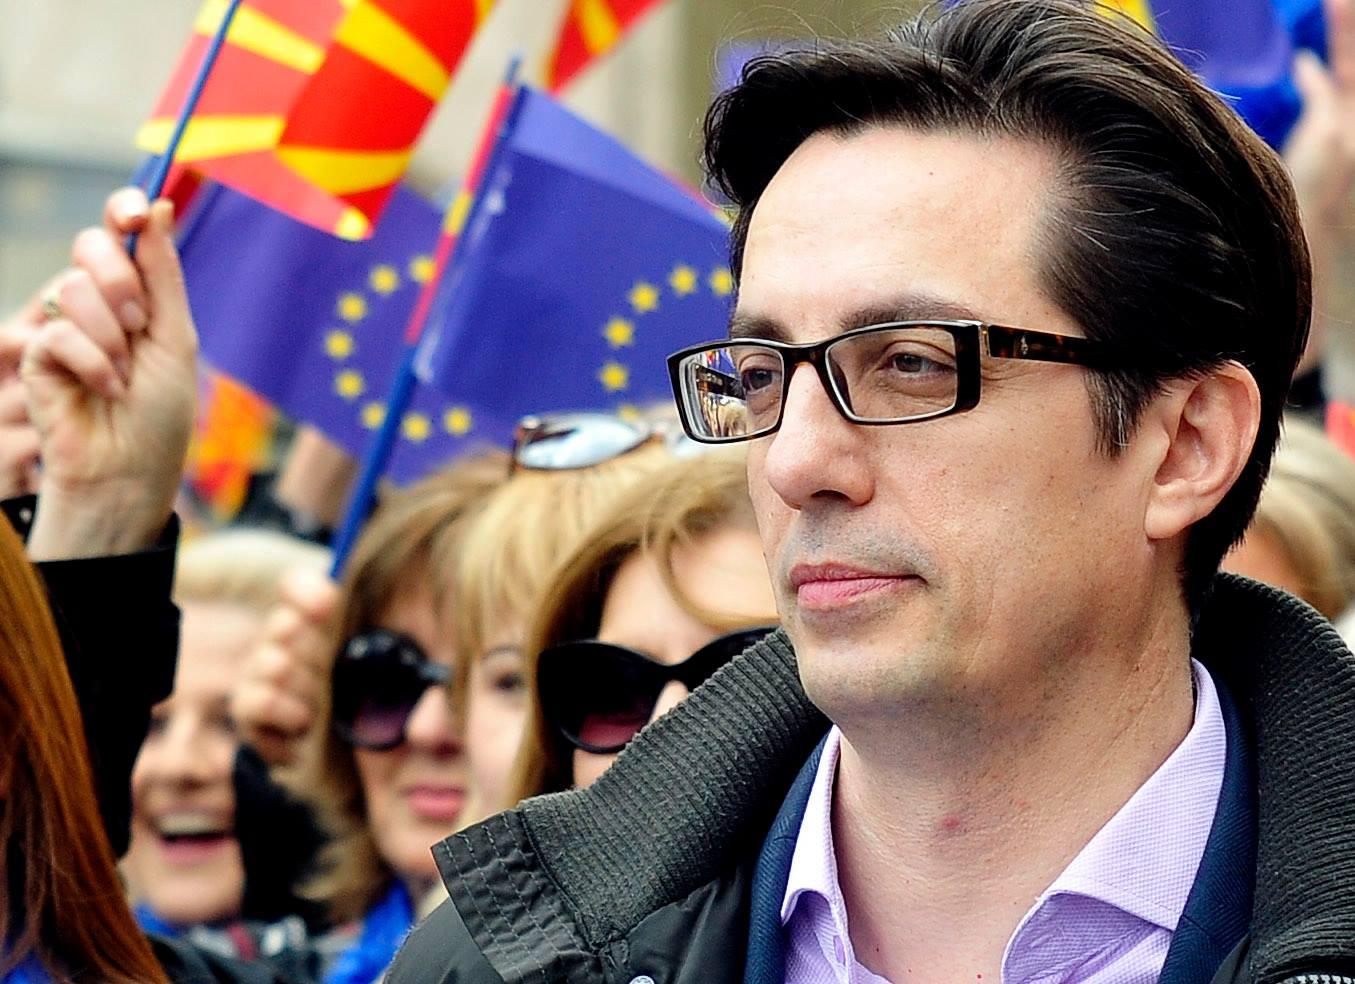 Το μήνυμα Pendarovski για την ευρωπαϊκή προοπτική των Δυτικών Βαλκανίων